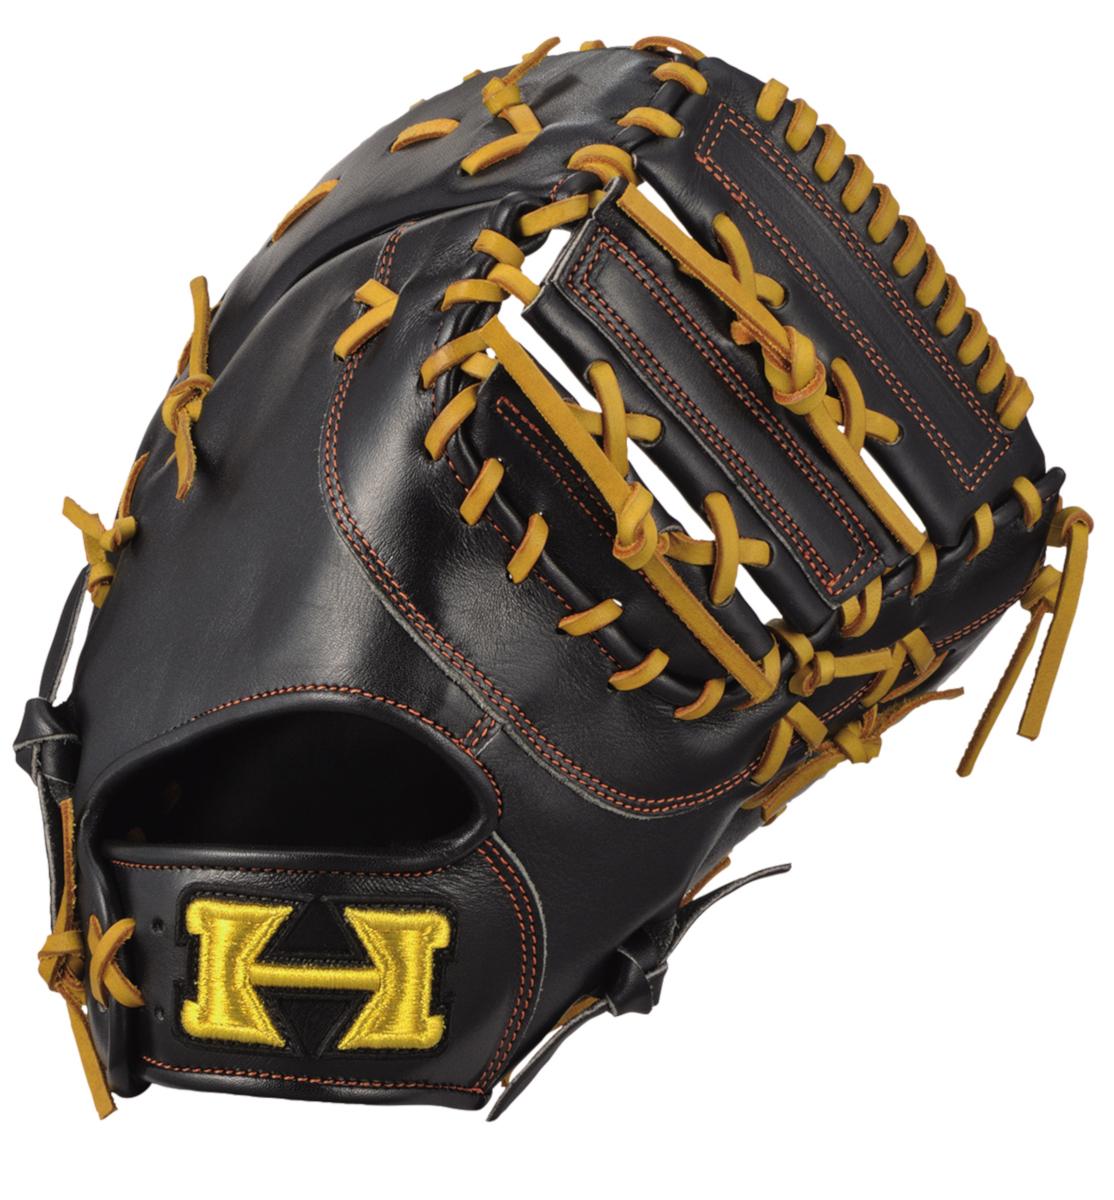 ハイゴールド 軟式野球ミット 己極シリーズ 一塁手用グローブ ブラック×タン OKG633F